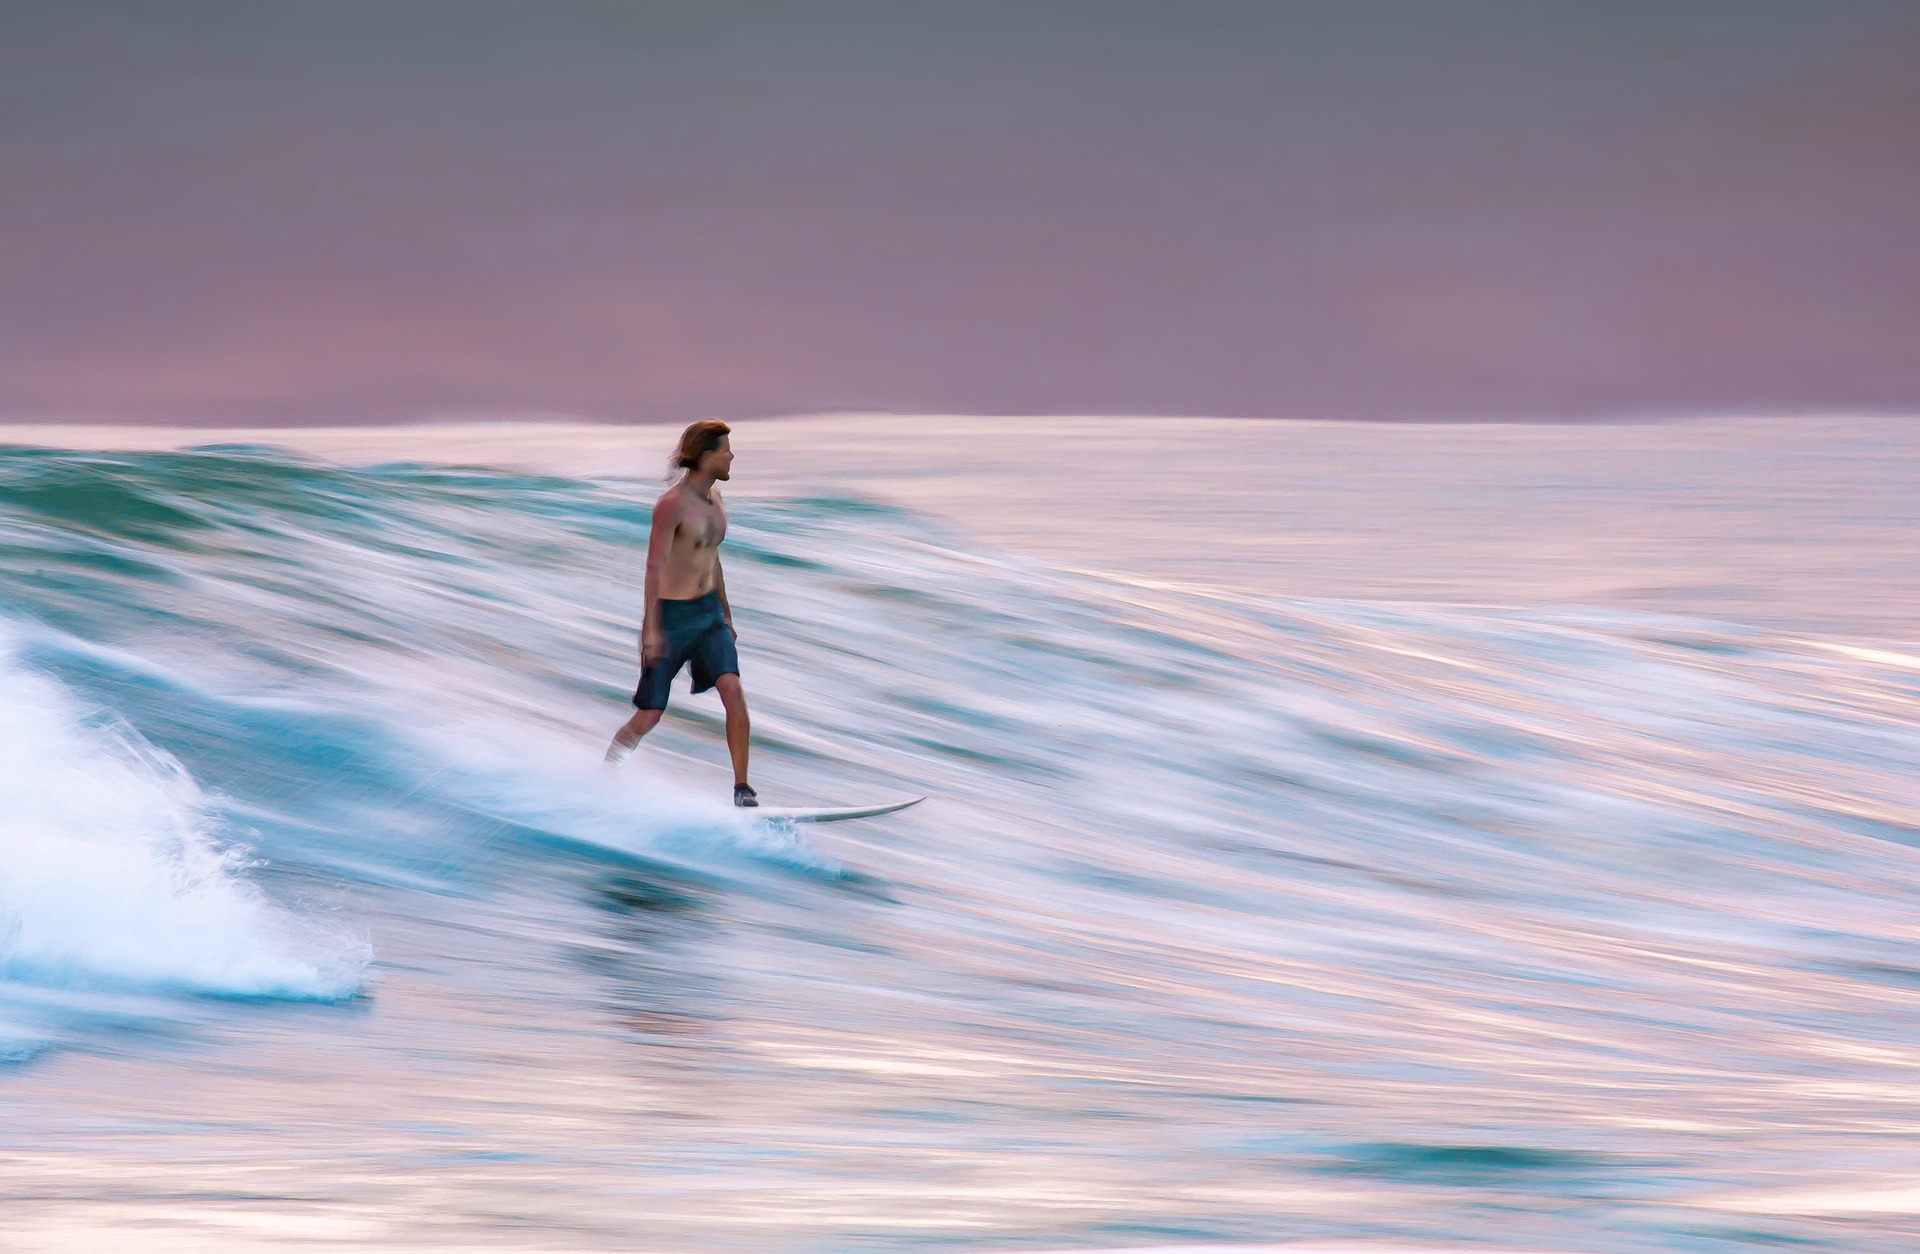 Neoprenschuhe beim Surfen nutzen